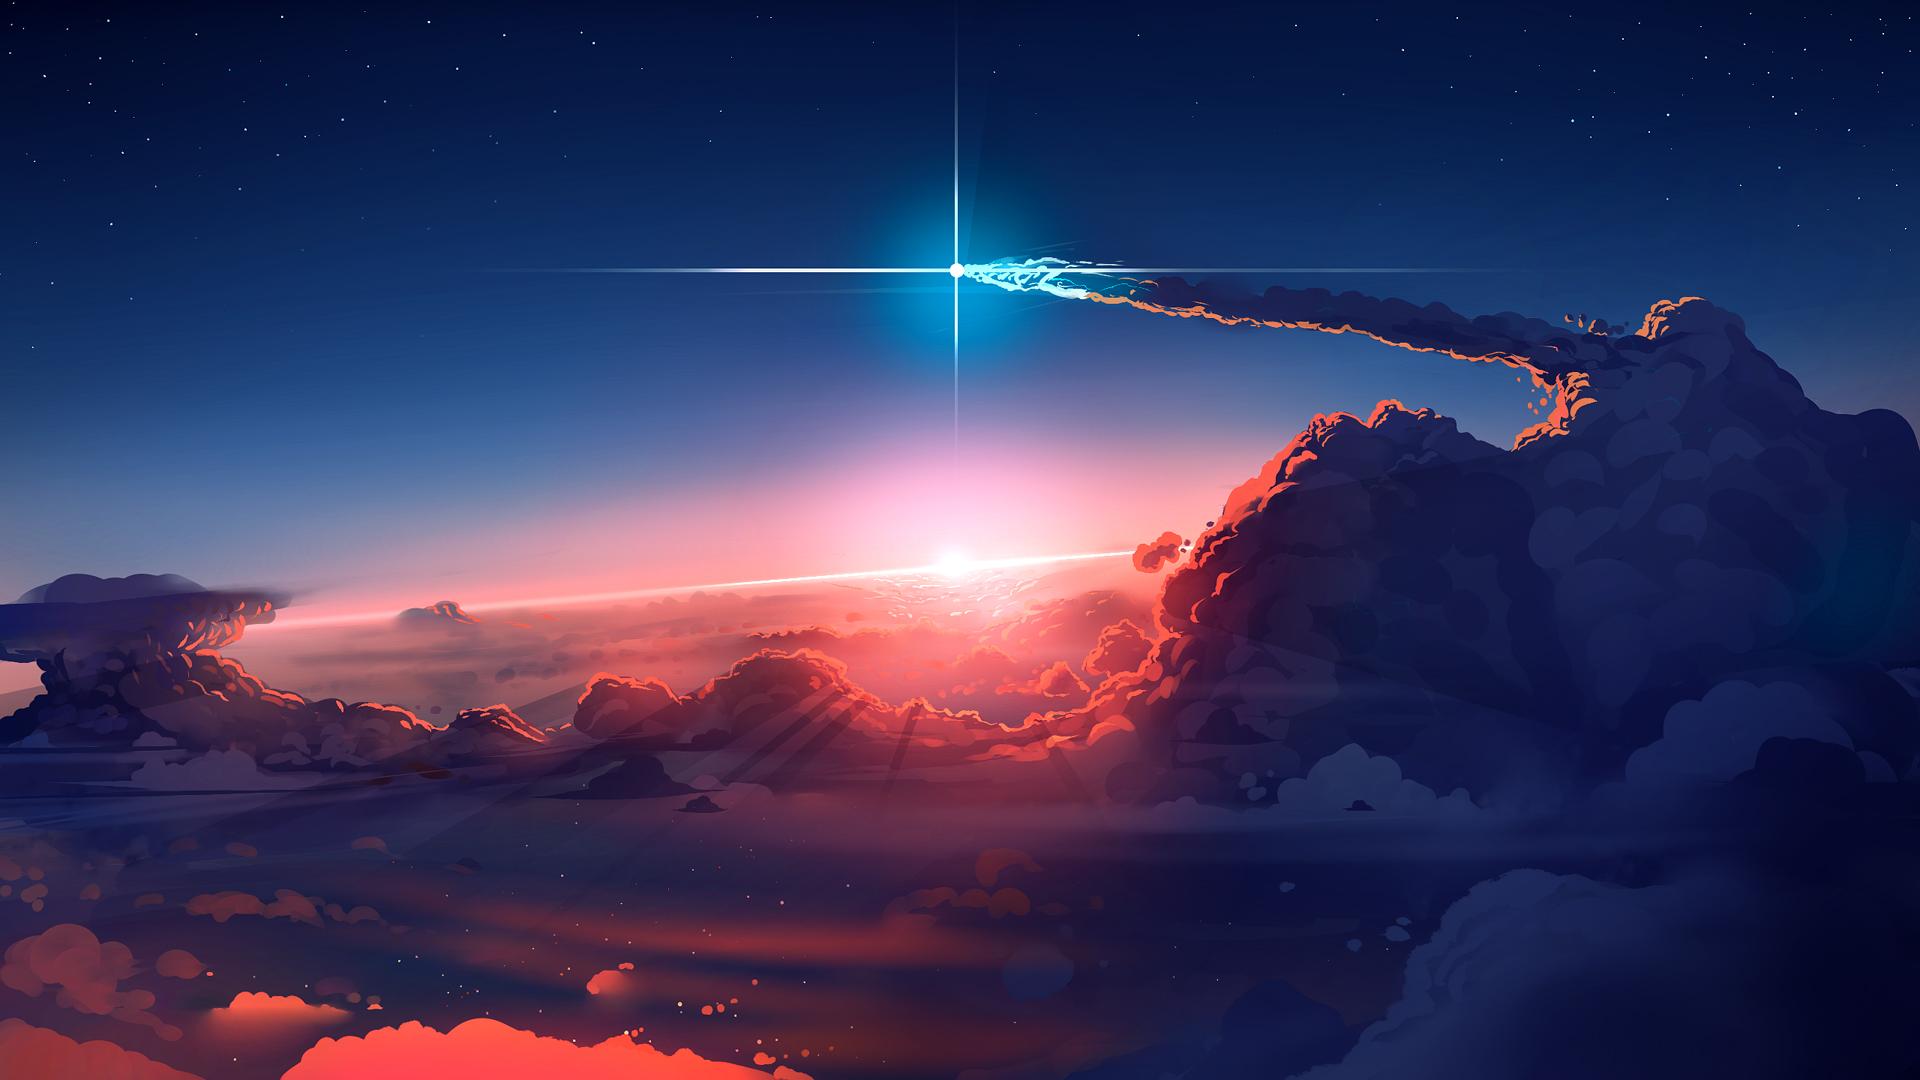 云 星光 天空 星星 2k高清动漫风景壁纸